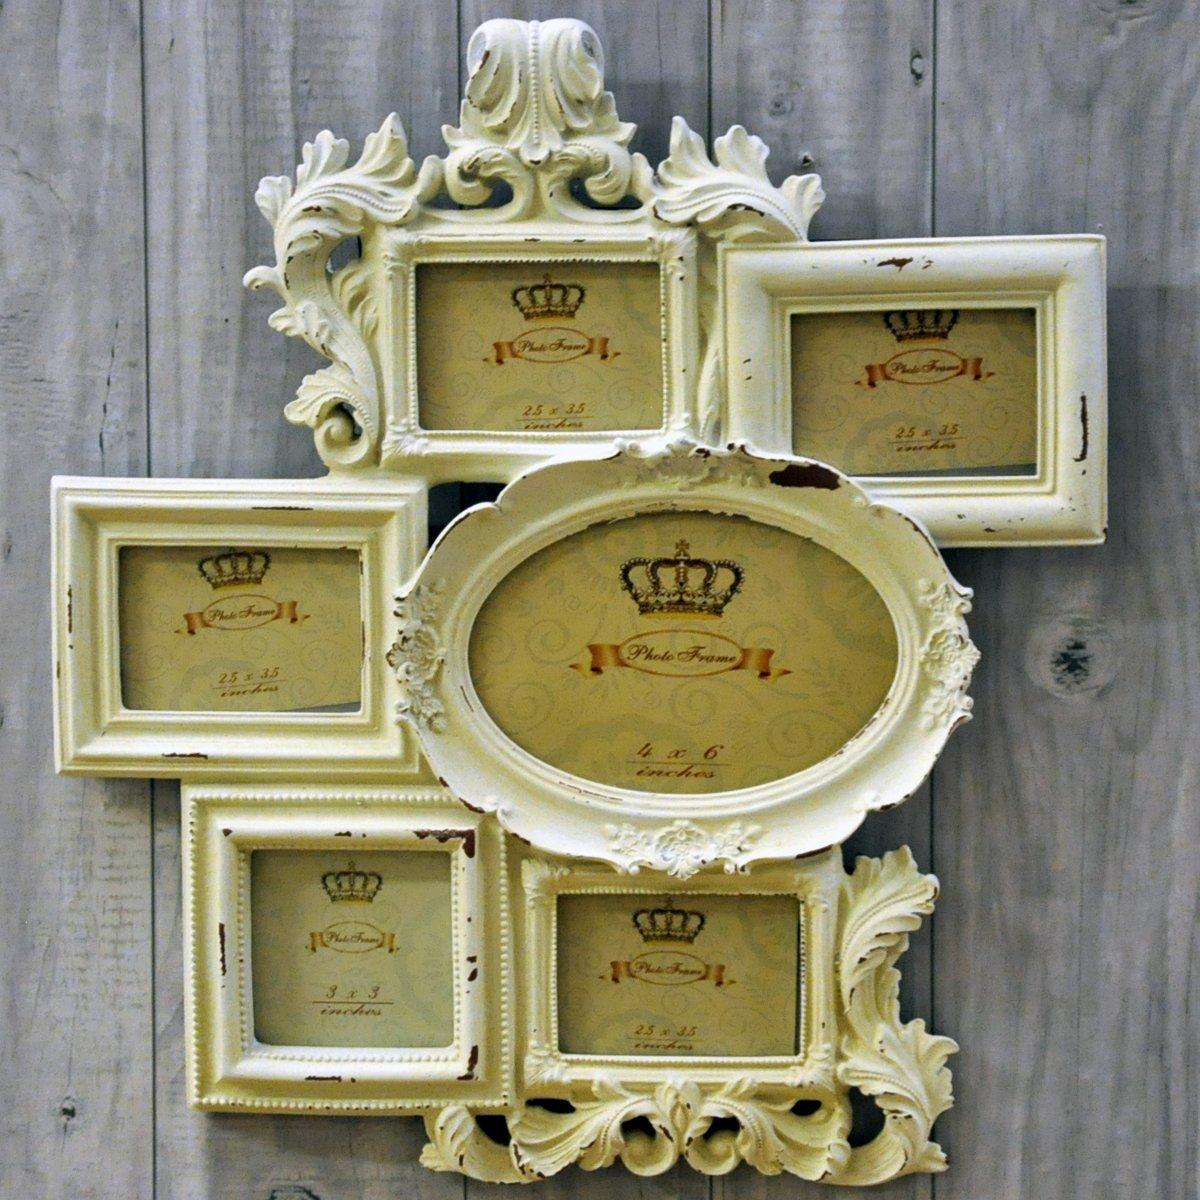 Vintage look shabby chic cream multi photo frame amazon vintage look shabby chic cream multi photo frame amazon kitchen home jeuxipadfo Images